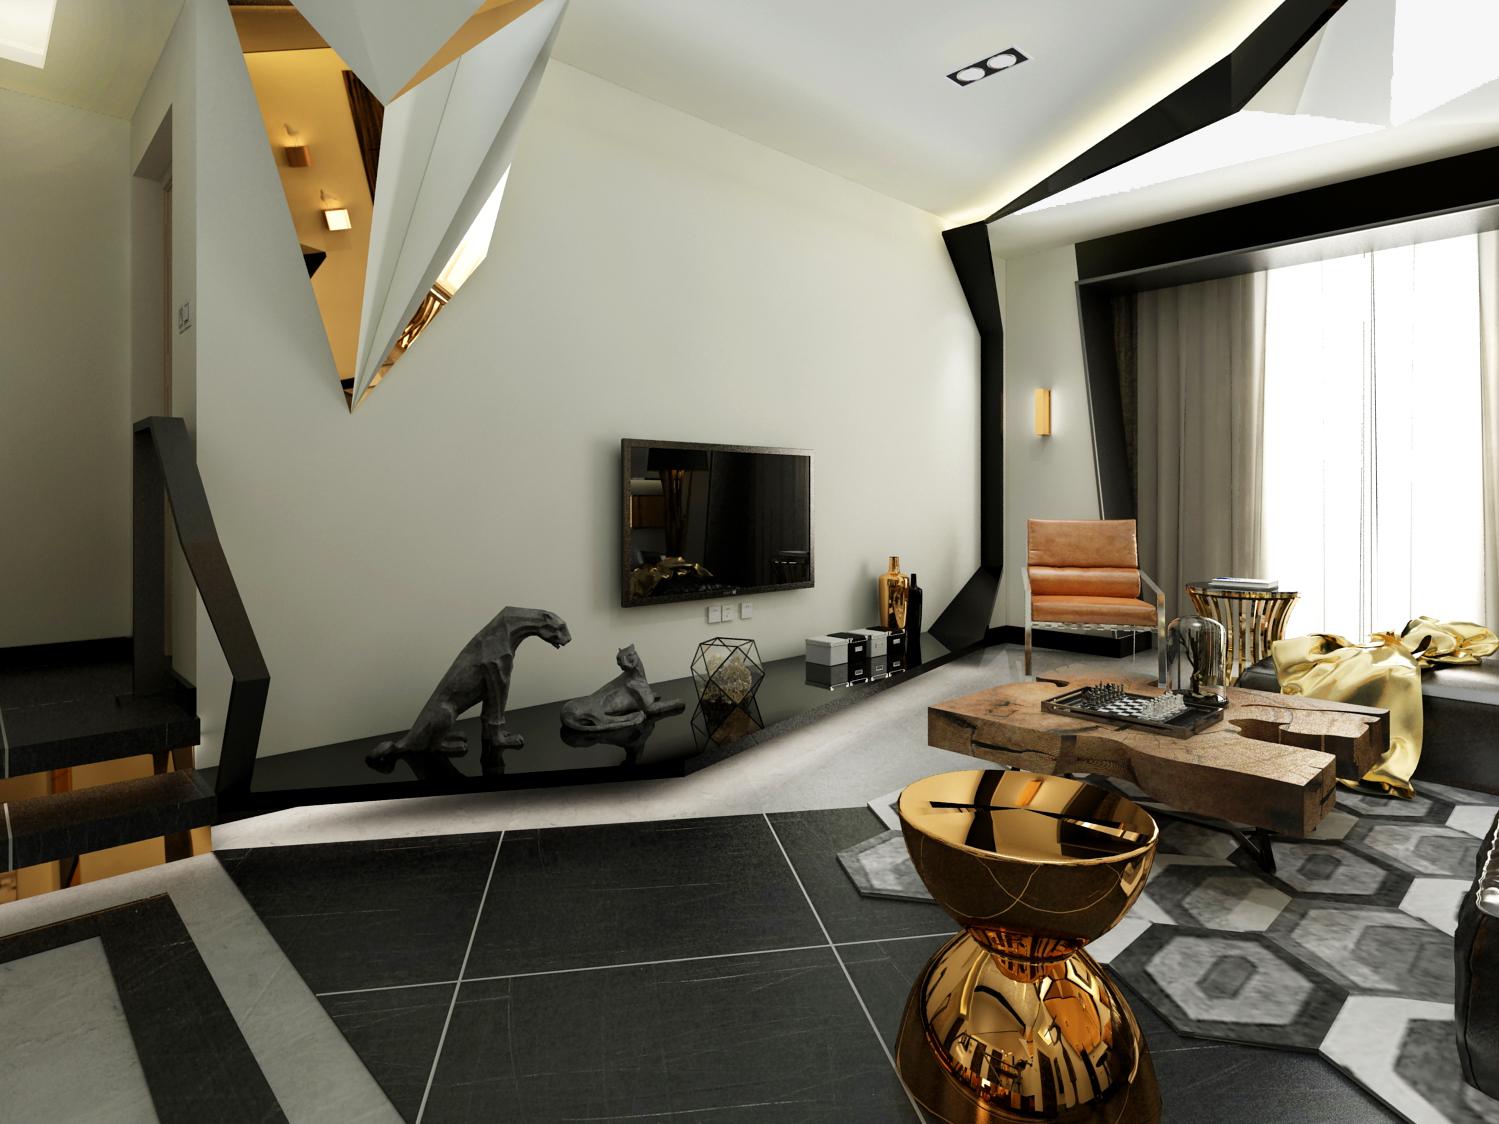 """整个空间的材质多为金属,原木,皮革,饰面镜。颜色多为金色,黑色,灰色以及原木色。客厅的棚面设计师灵感来源""""钻石""""形状"""